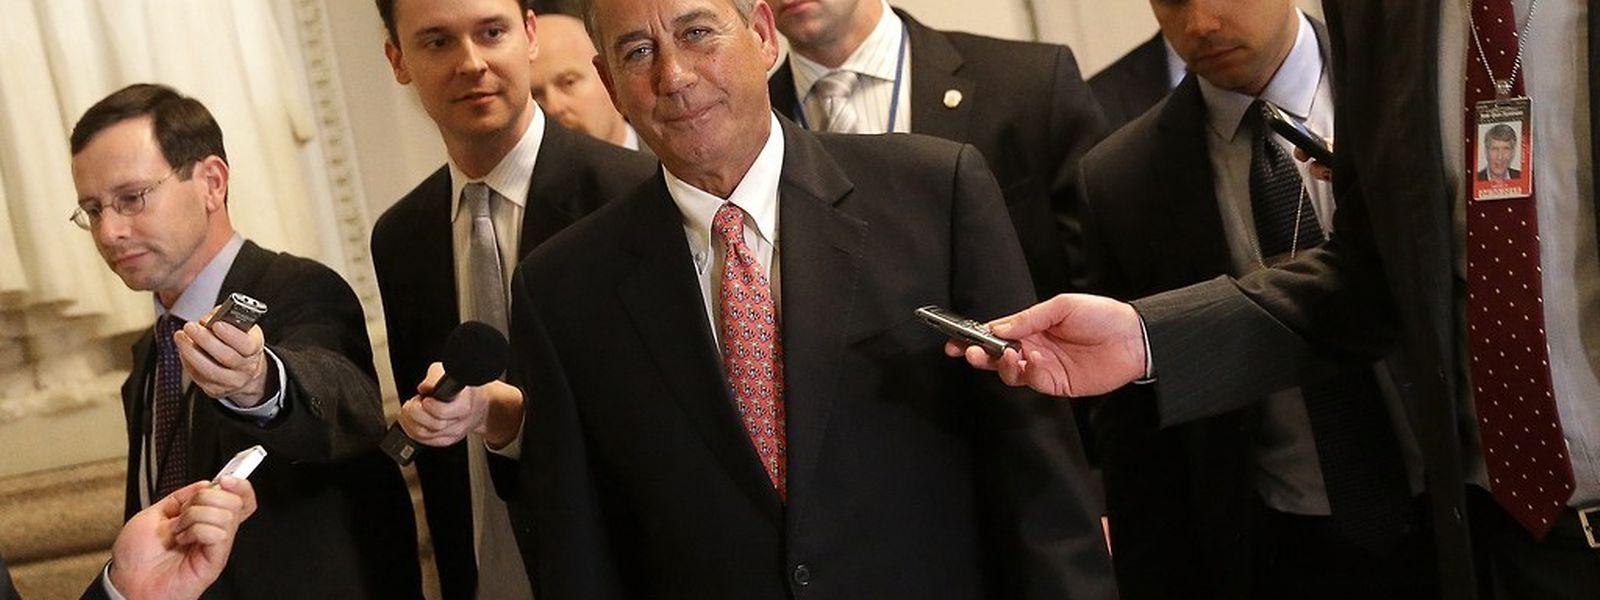 John Boehner, Sprecher des Repräsentantenhauses, kann aufatmen: Eine Finanzblockade ist abgewendet.